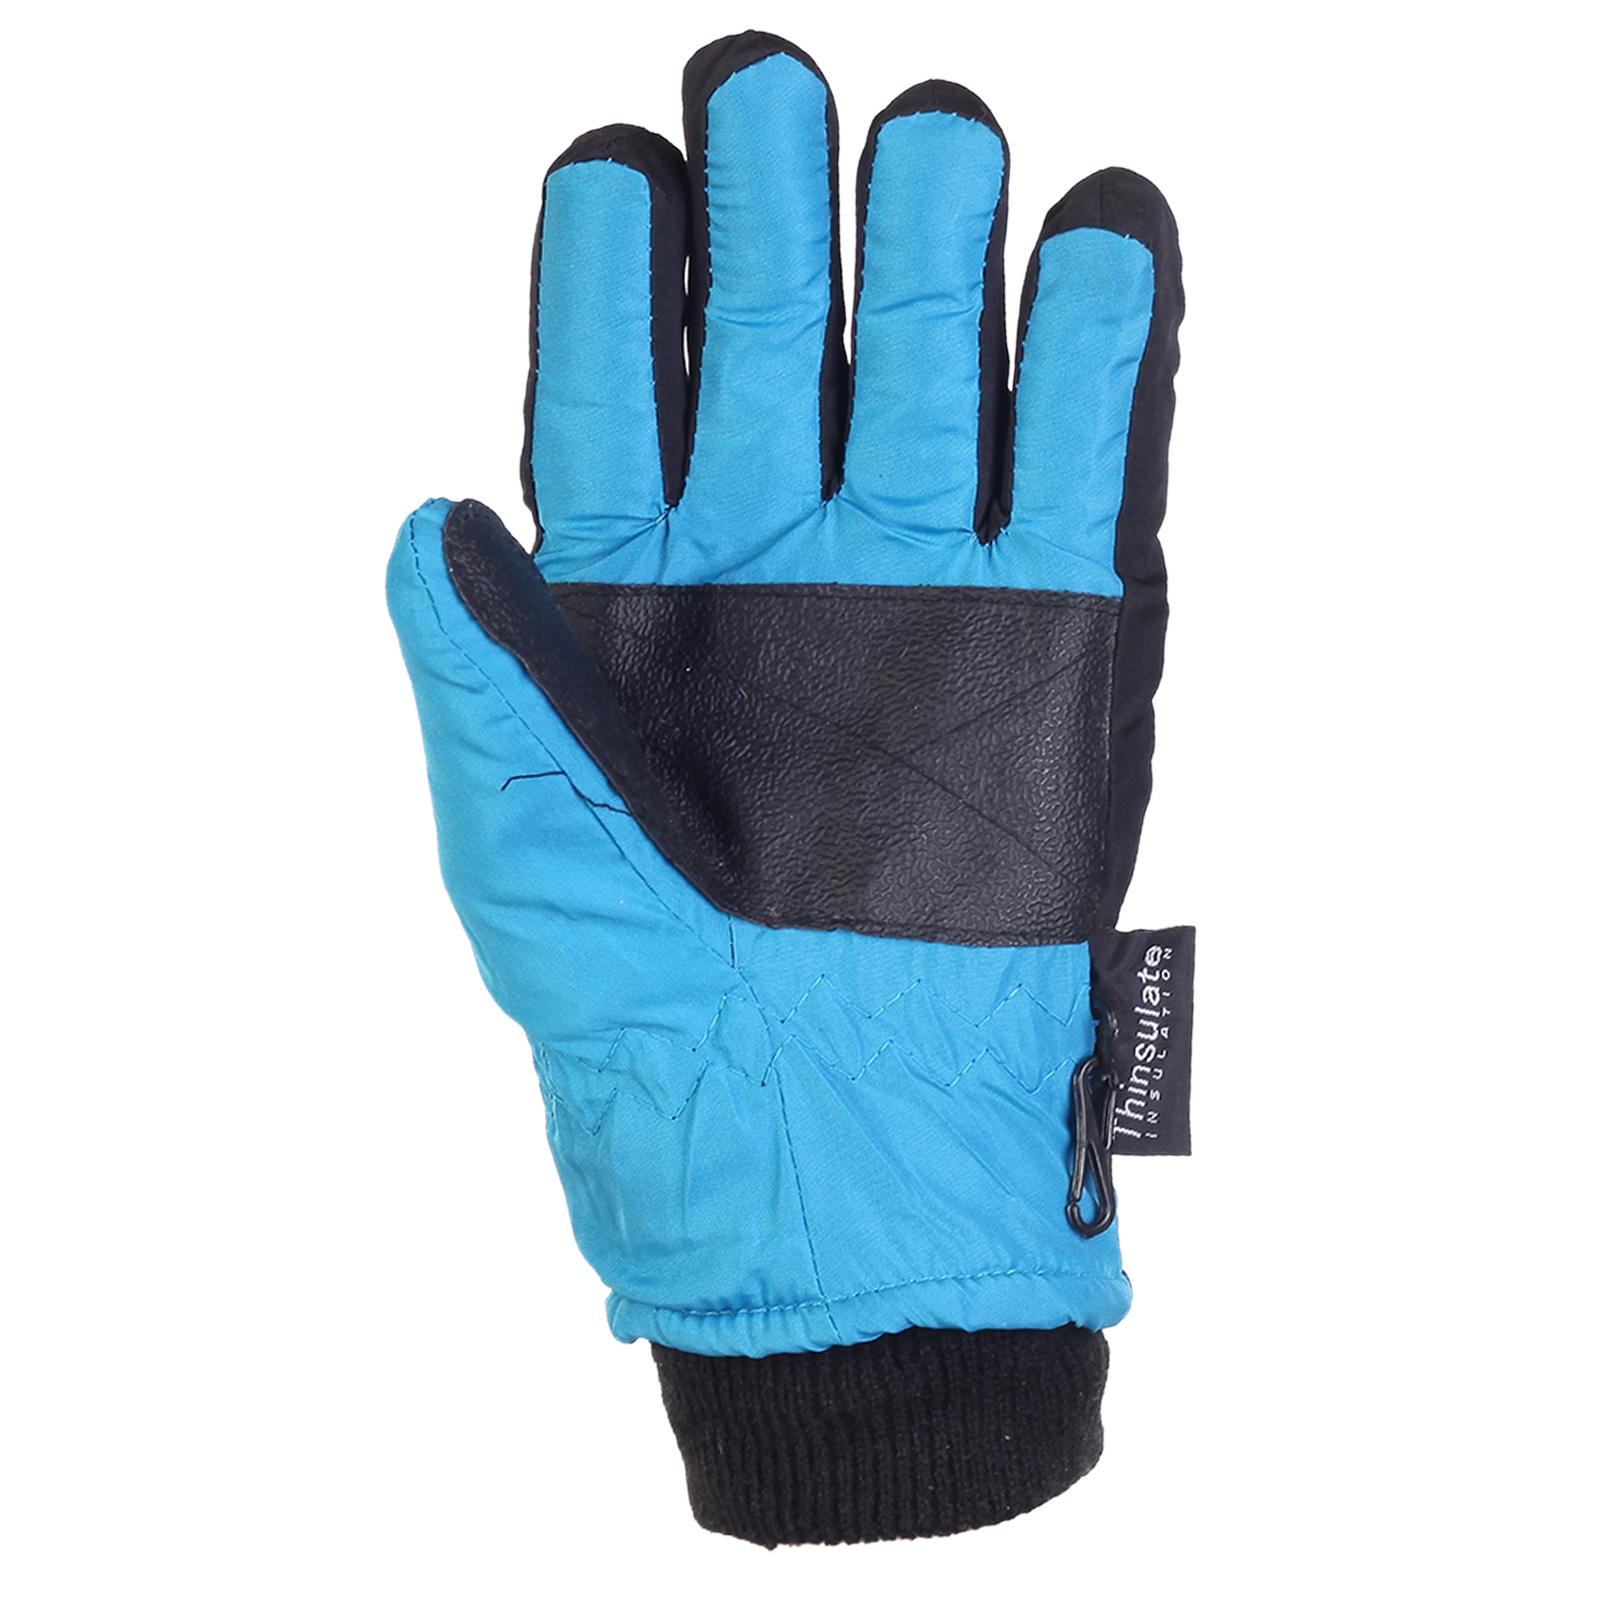 Детско-подростковые зимние перчатки Thinsulate